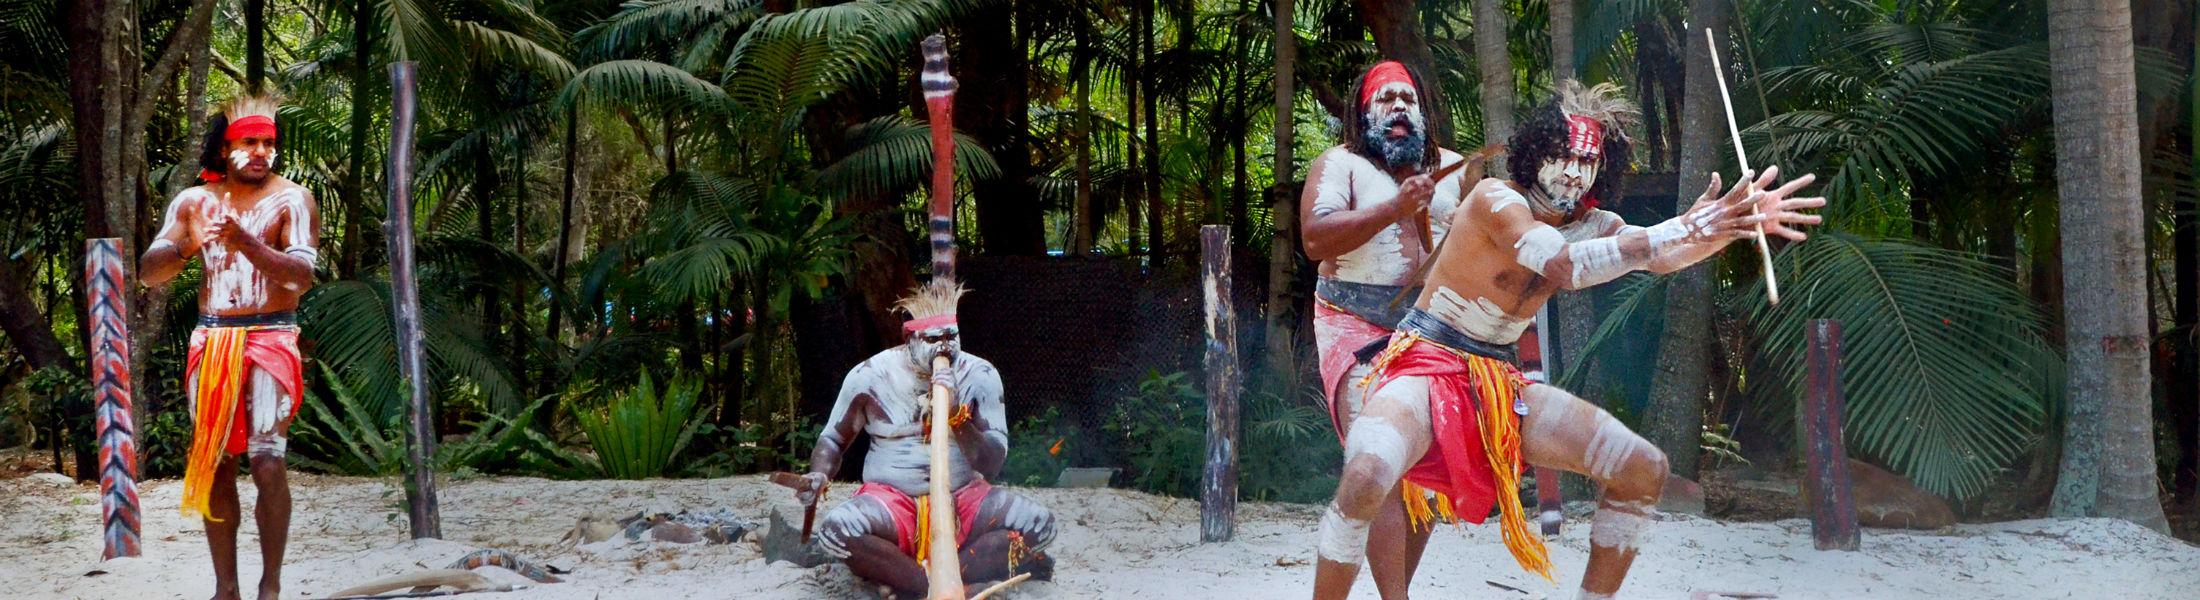 Aboriginal warriors dance